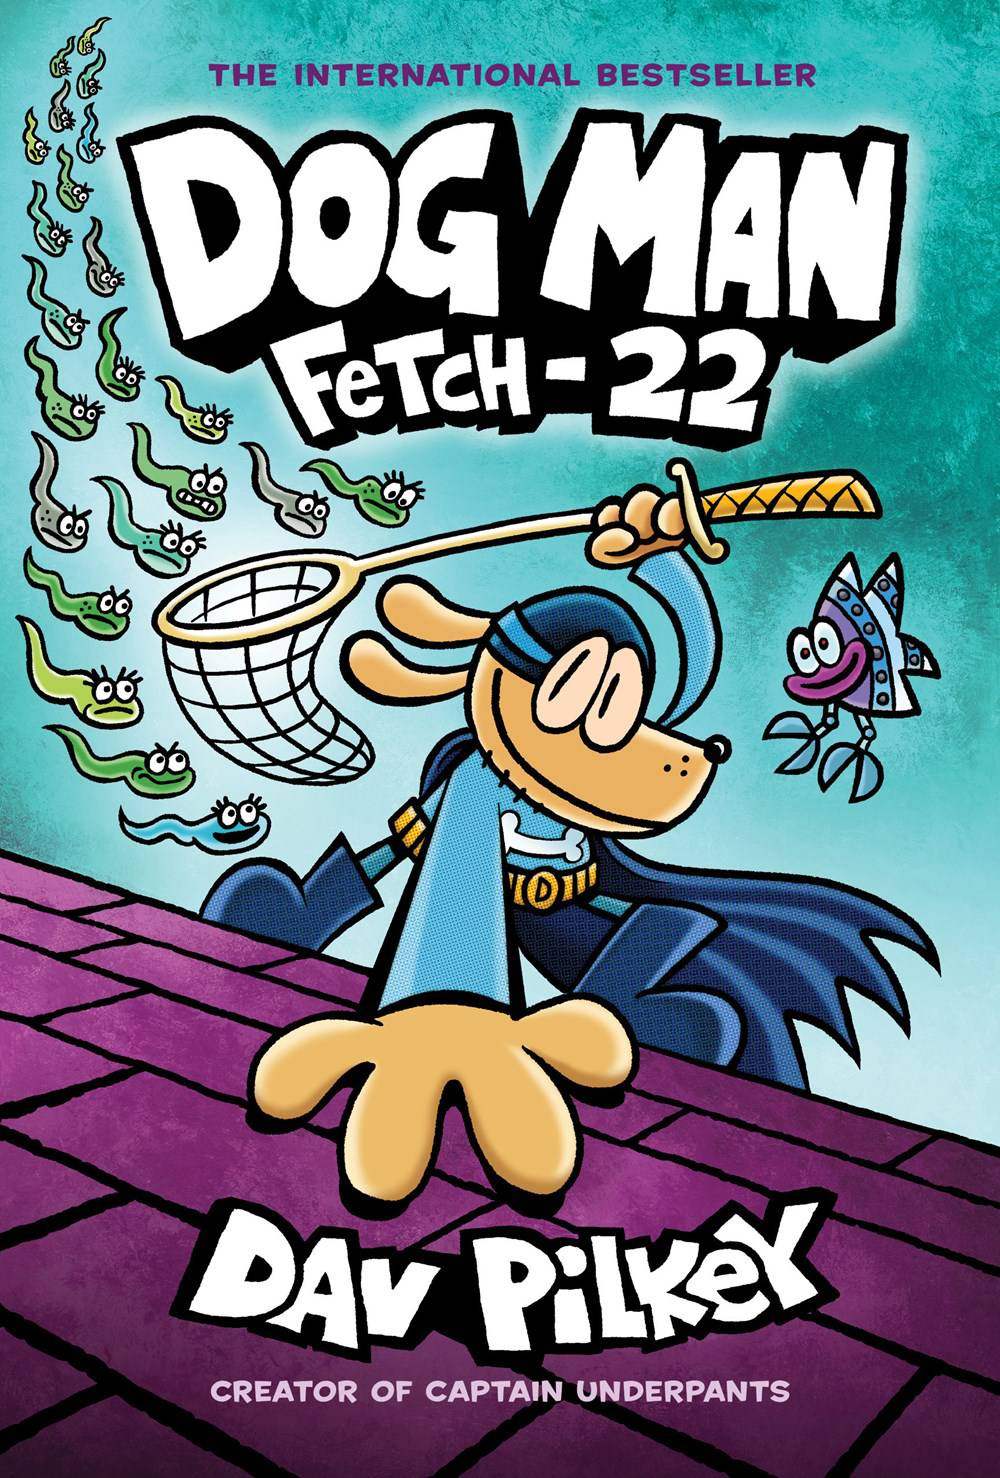 DOG MAN GN VOL 08 FETCH 22